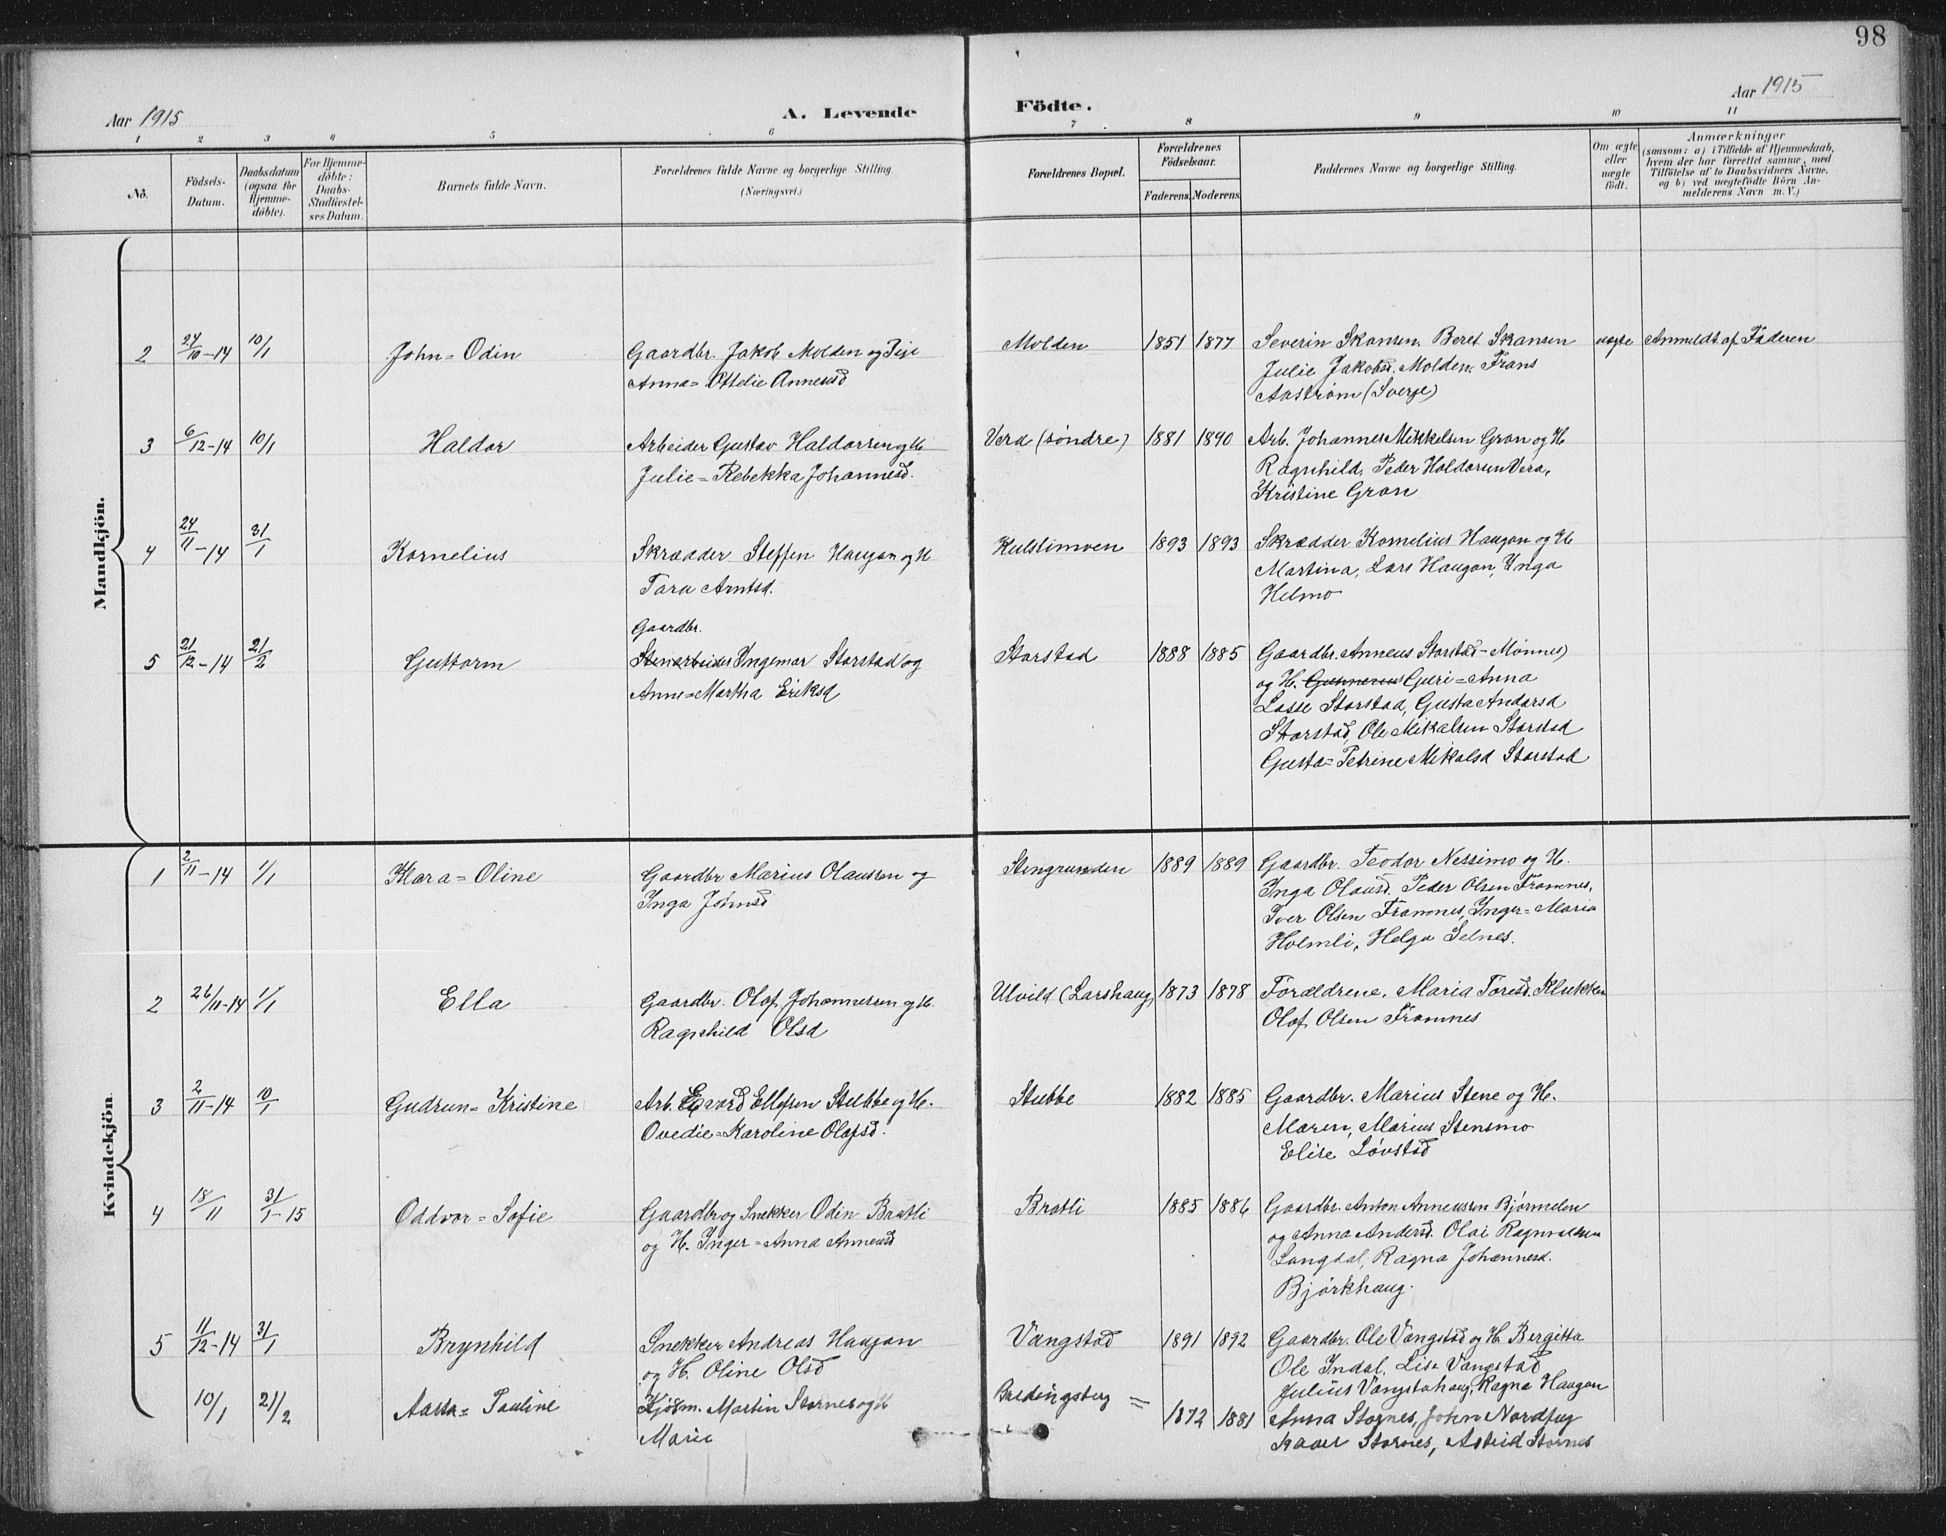 SAT, Ministerialprotokoller, klokkerbøker og fødselsregistre - Nord-Trøndelag, 724/L0269: Klokkerbok nr. 724C05, 1899-1920, s. 98